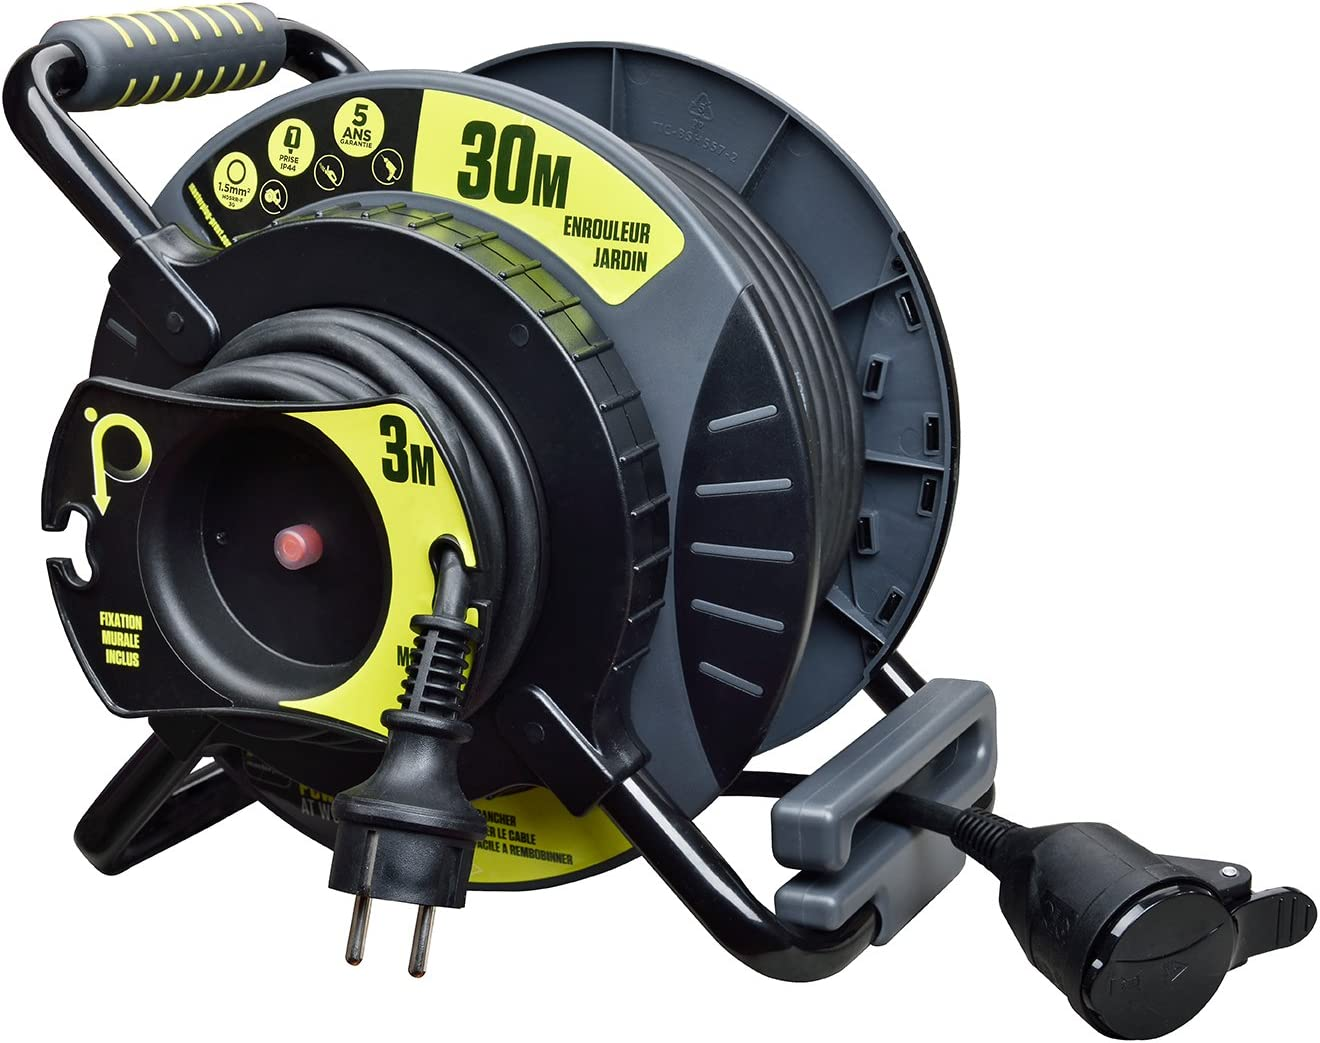 Carrete eléctrico de jardín 30 + 3 metros, antitorsión, NF – cable H05RR-F 3G1.5: Amazon.es: Bricolaje y herramientas